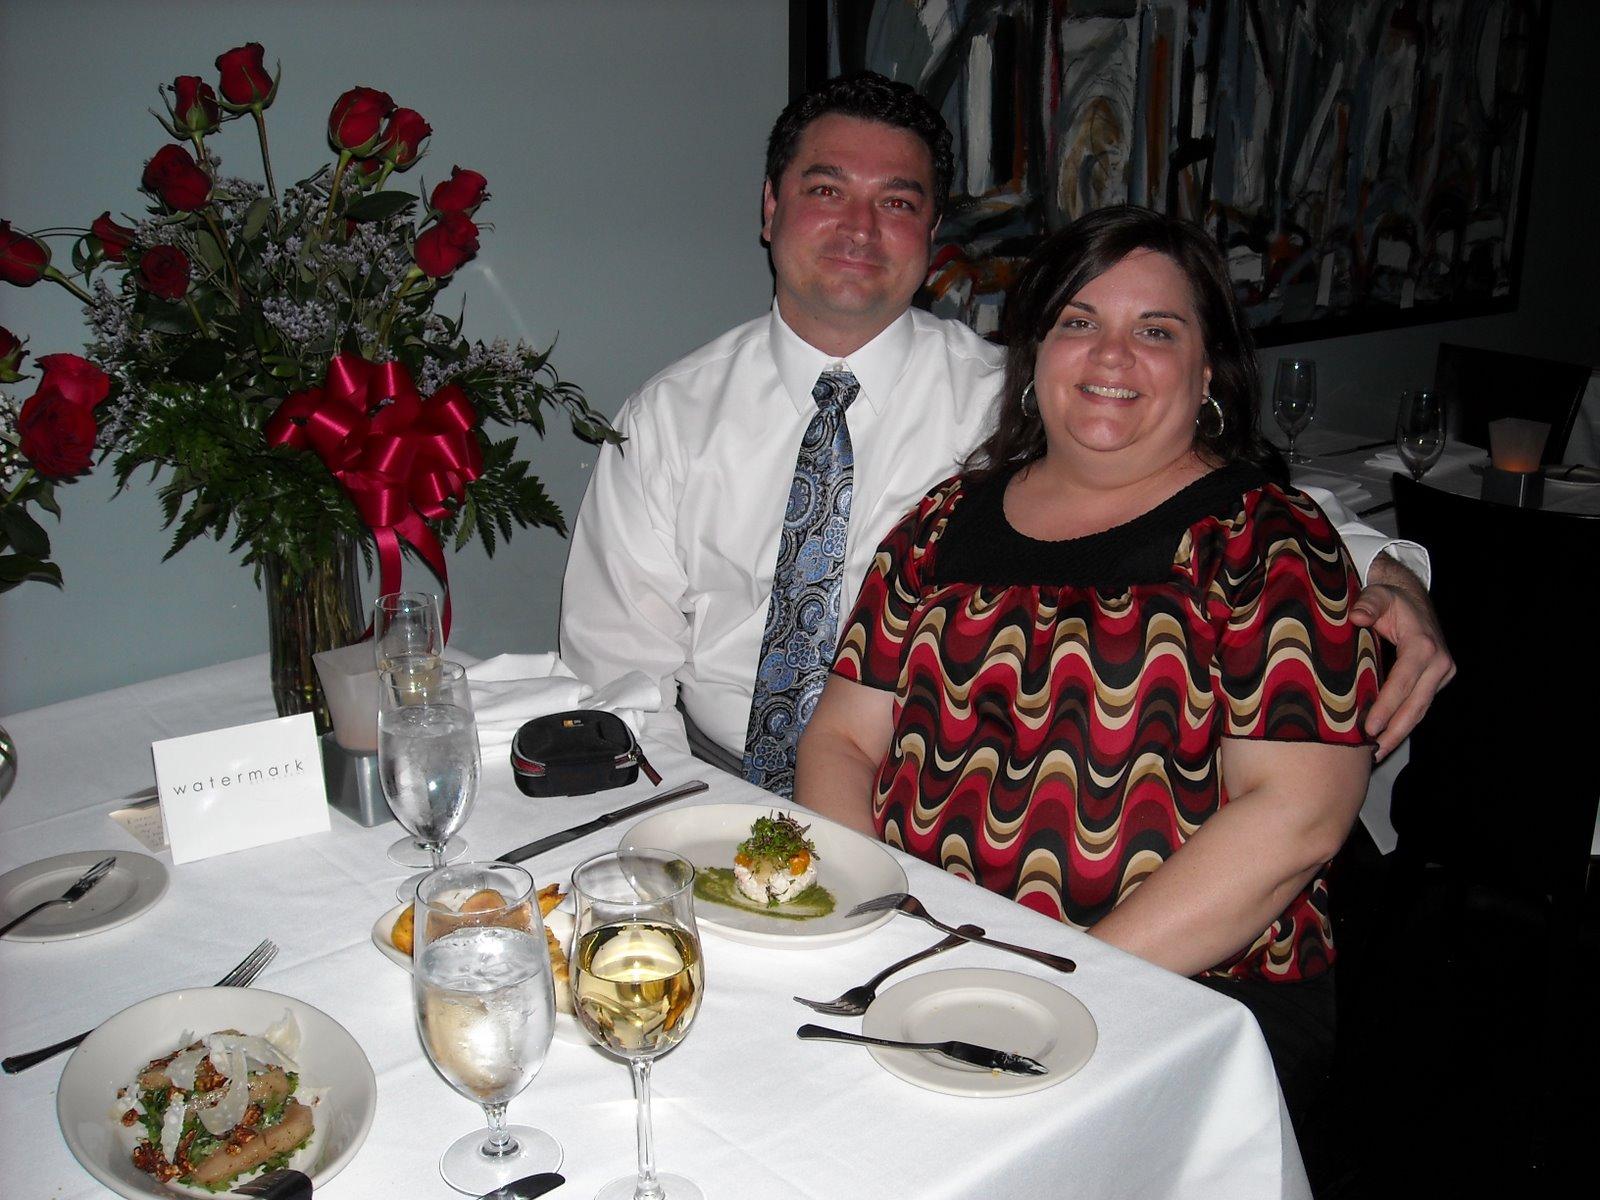 [1-2-09+day+6+anniversary+dinner+at+Watermark.jpg]